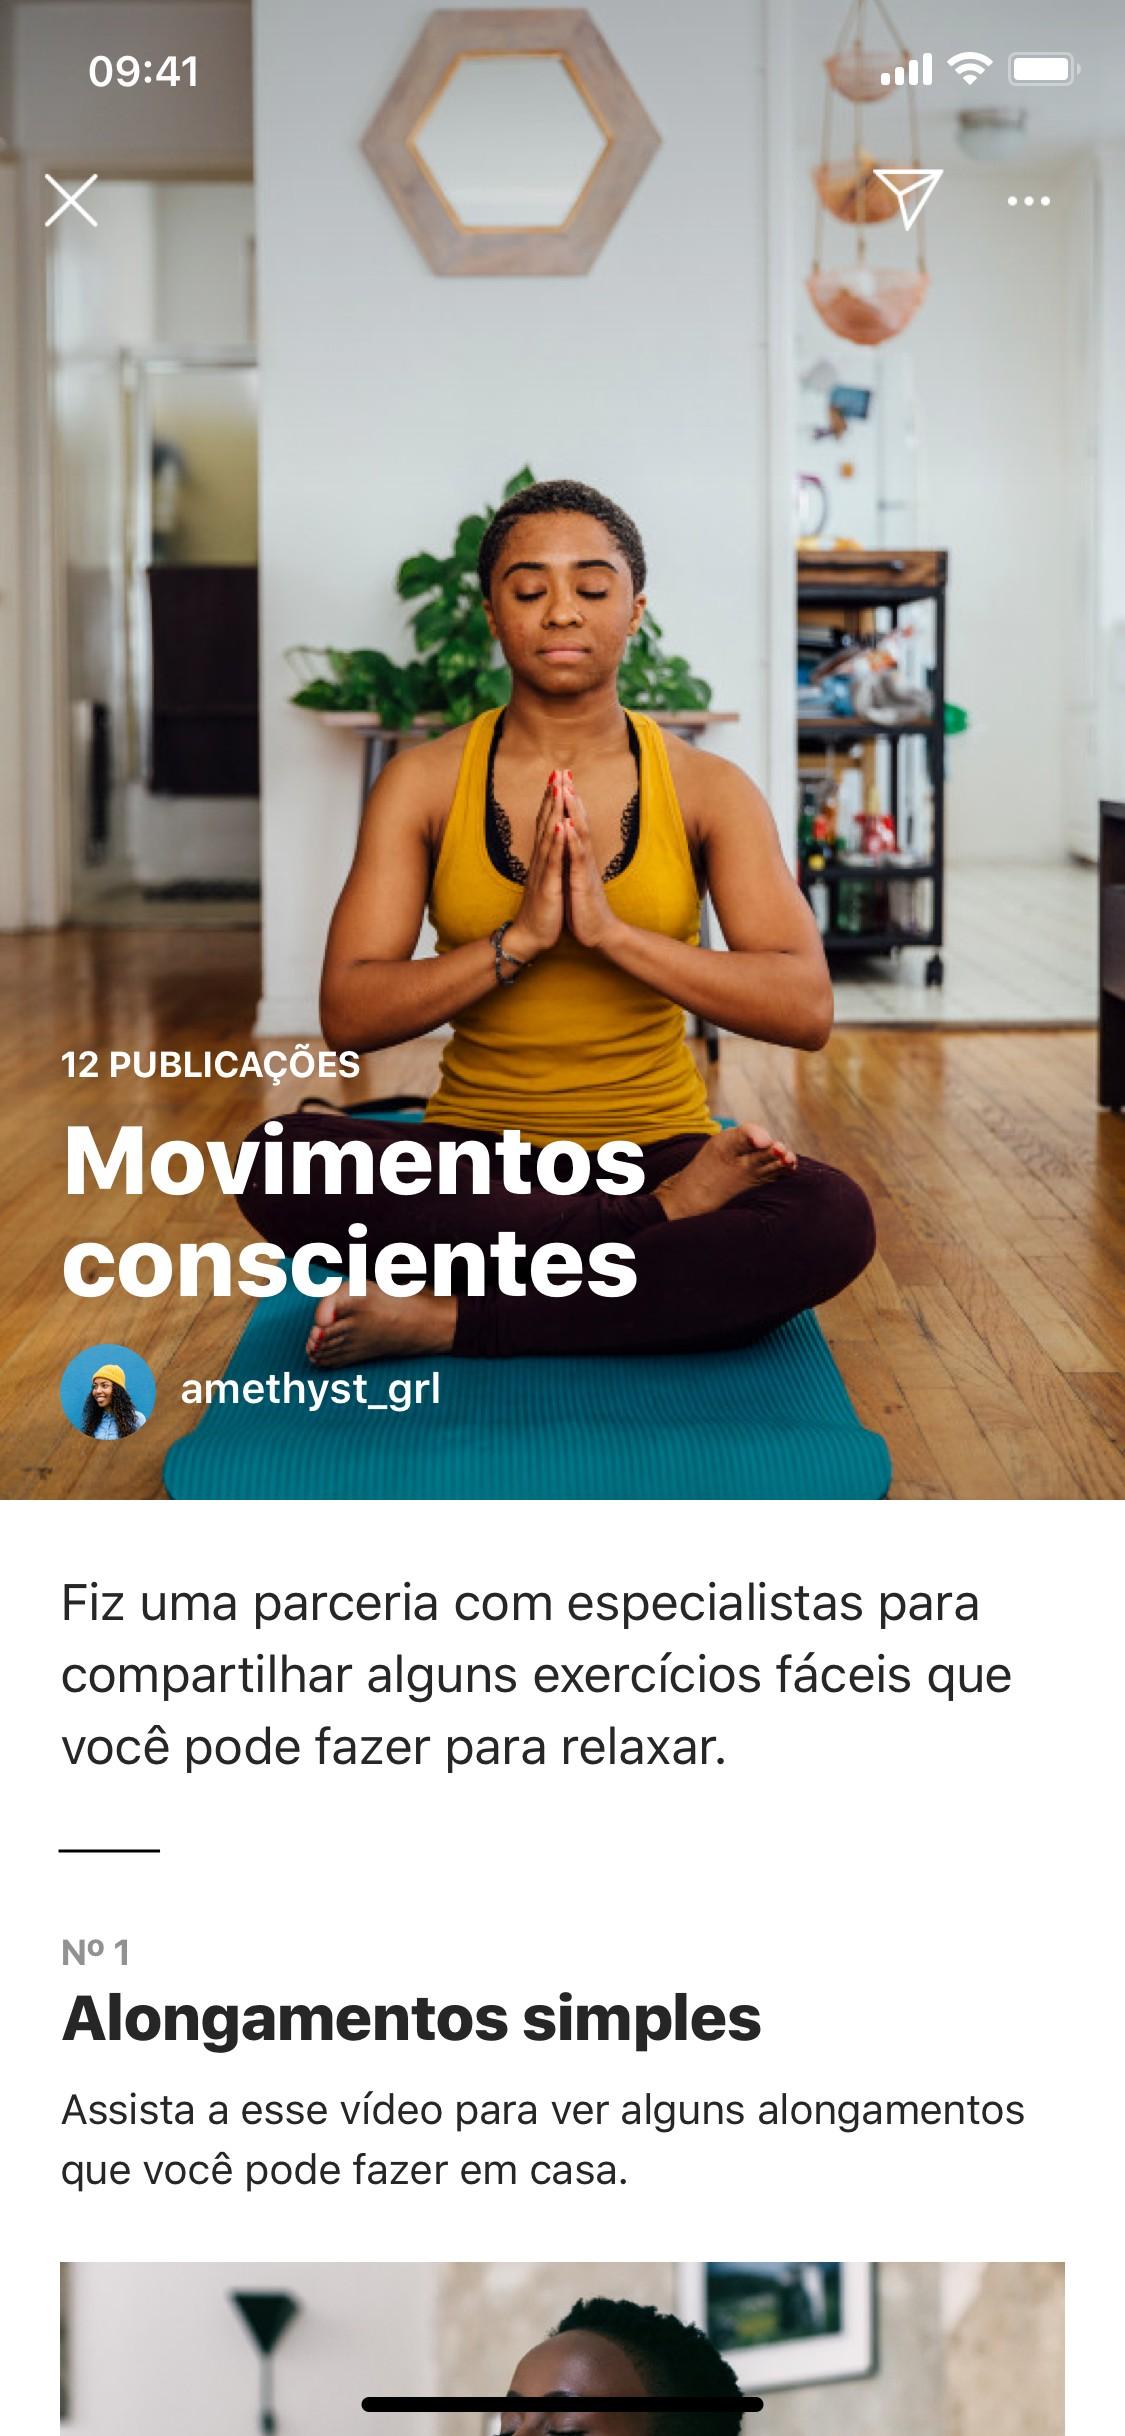 Instagram lança nova ferramenta para agregar conteúdo; Brasil é um dos primeiros a receber